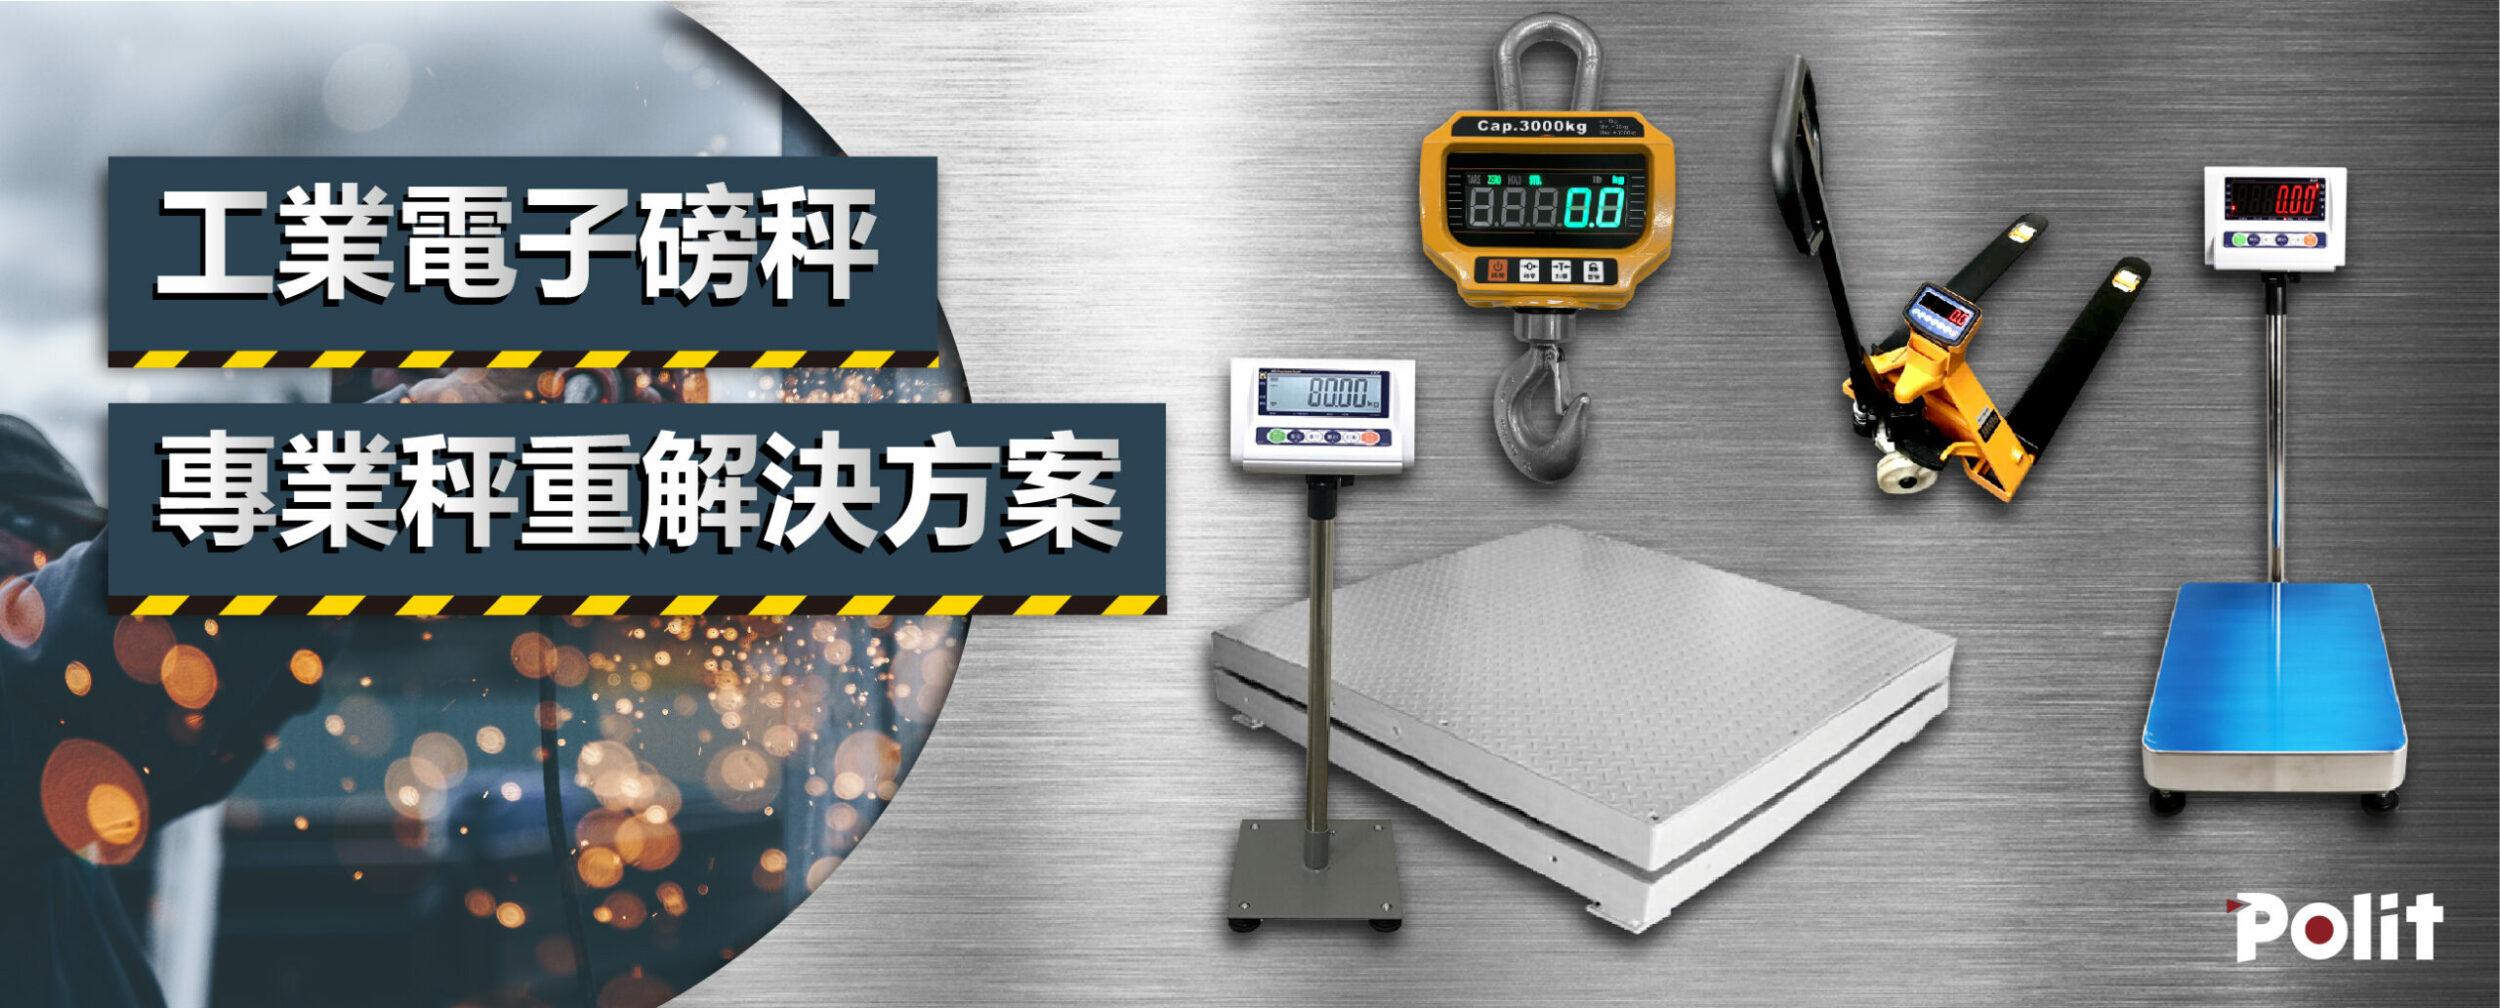 工業用電子秤 工業磅秤   沛禮國際 Polit 電子秤專賣